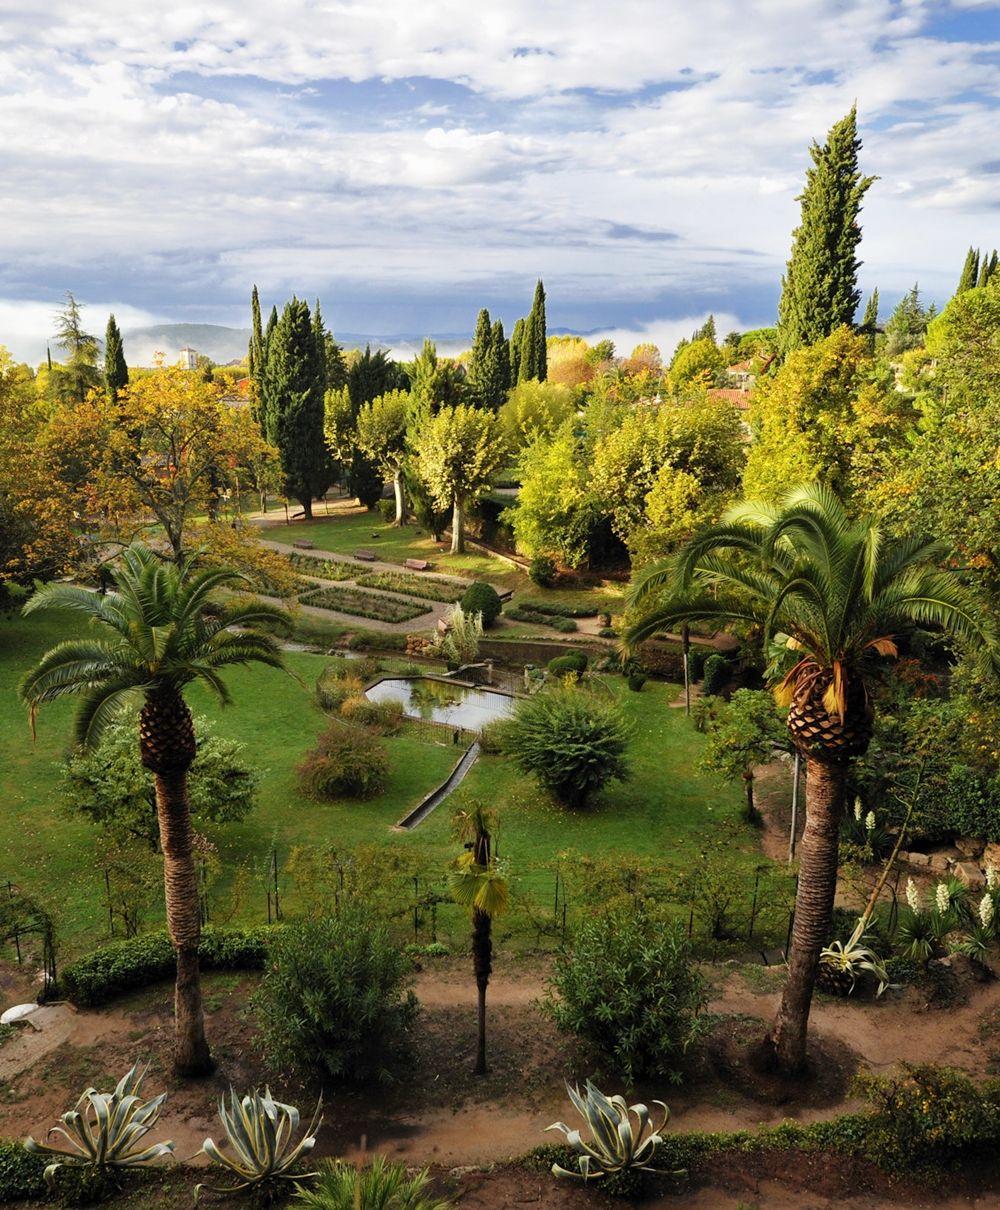 Villecroze, Provence-Alpes-Côte d'Azur